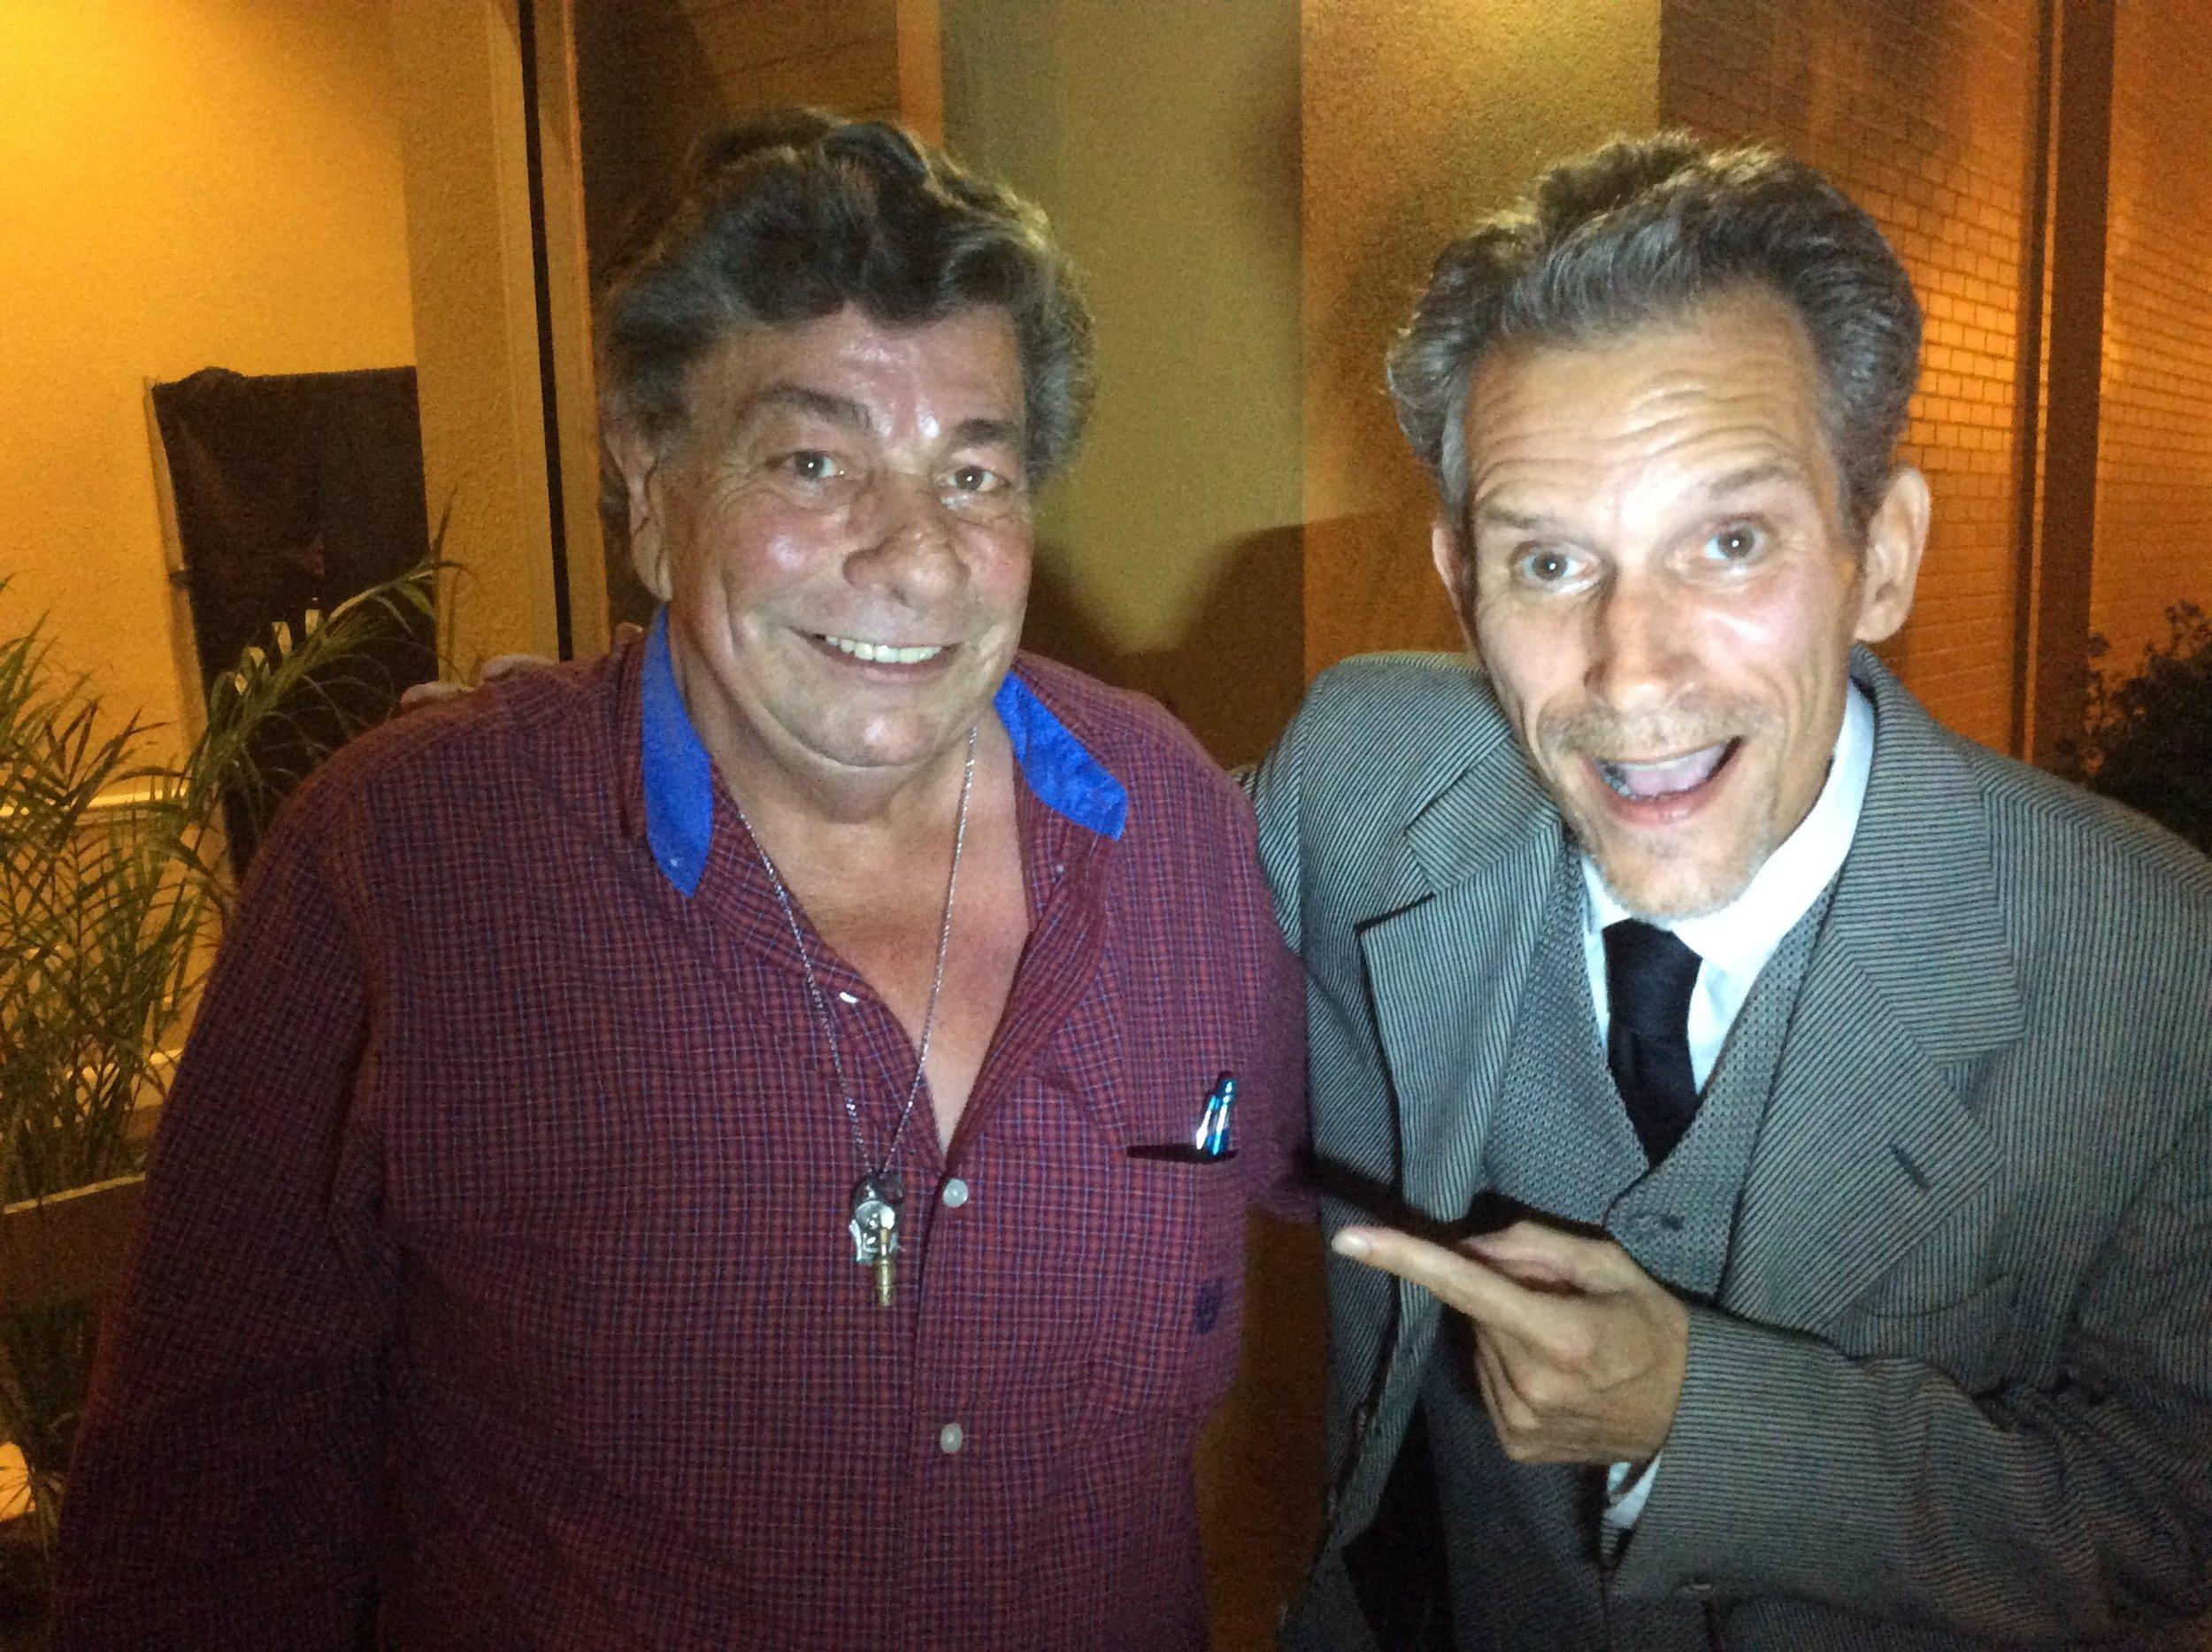 John Cornelius and Chip Romero